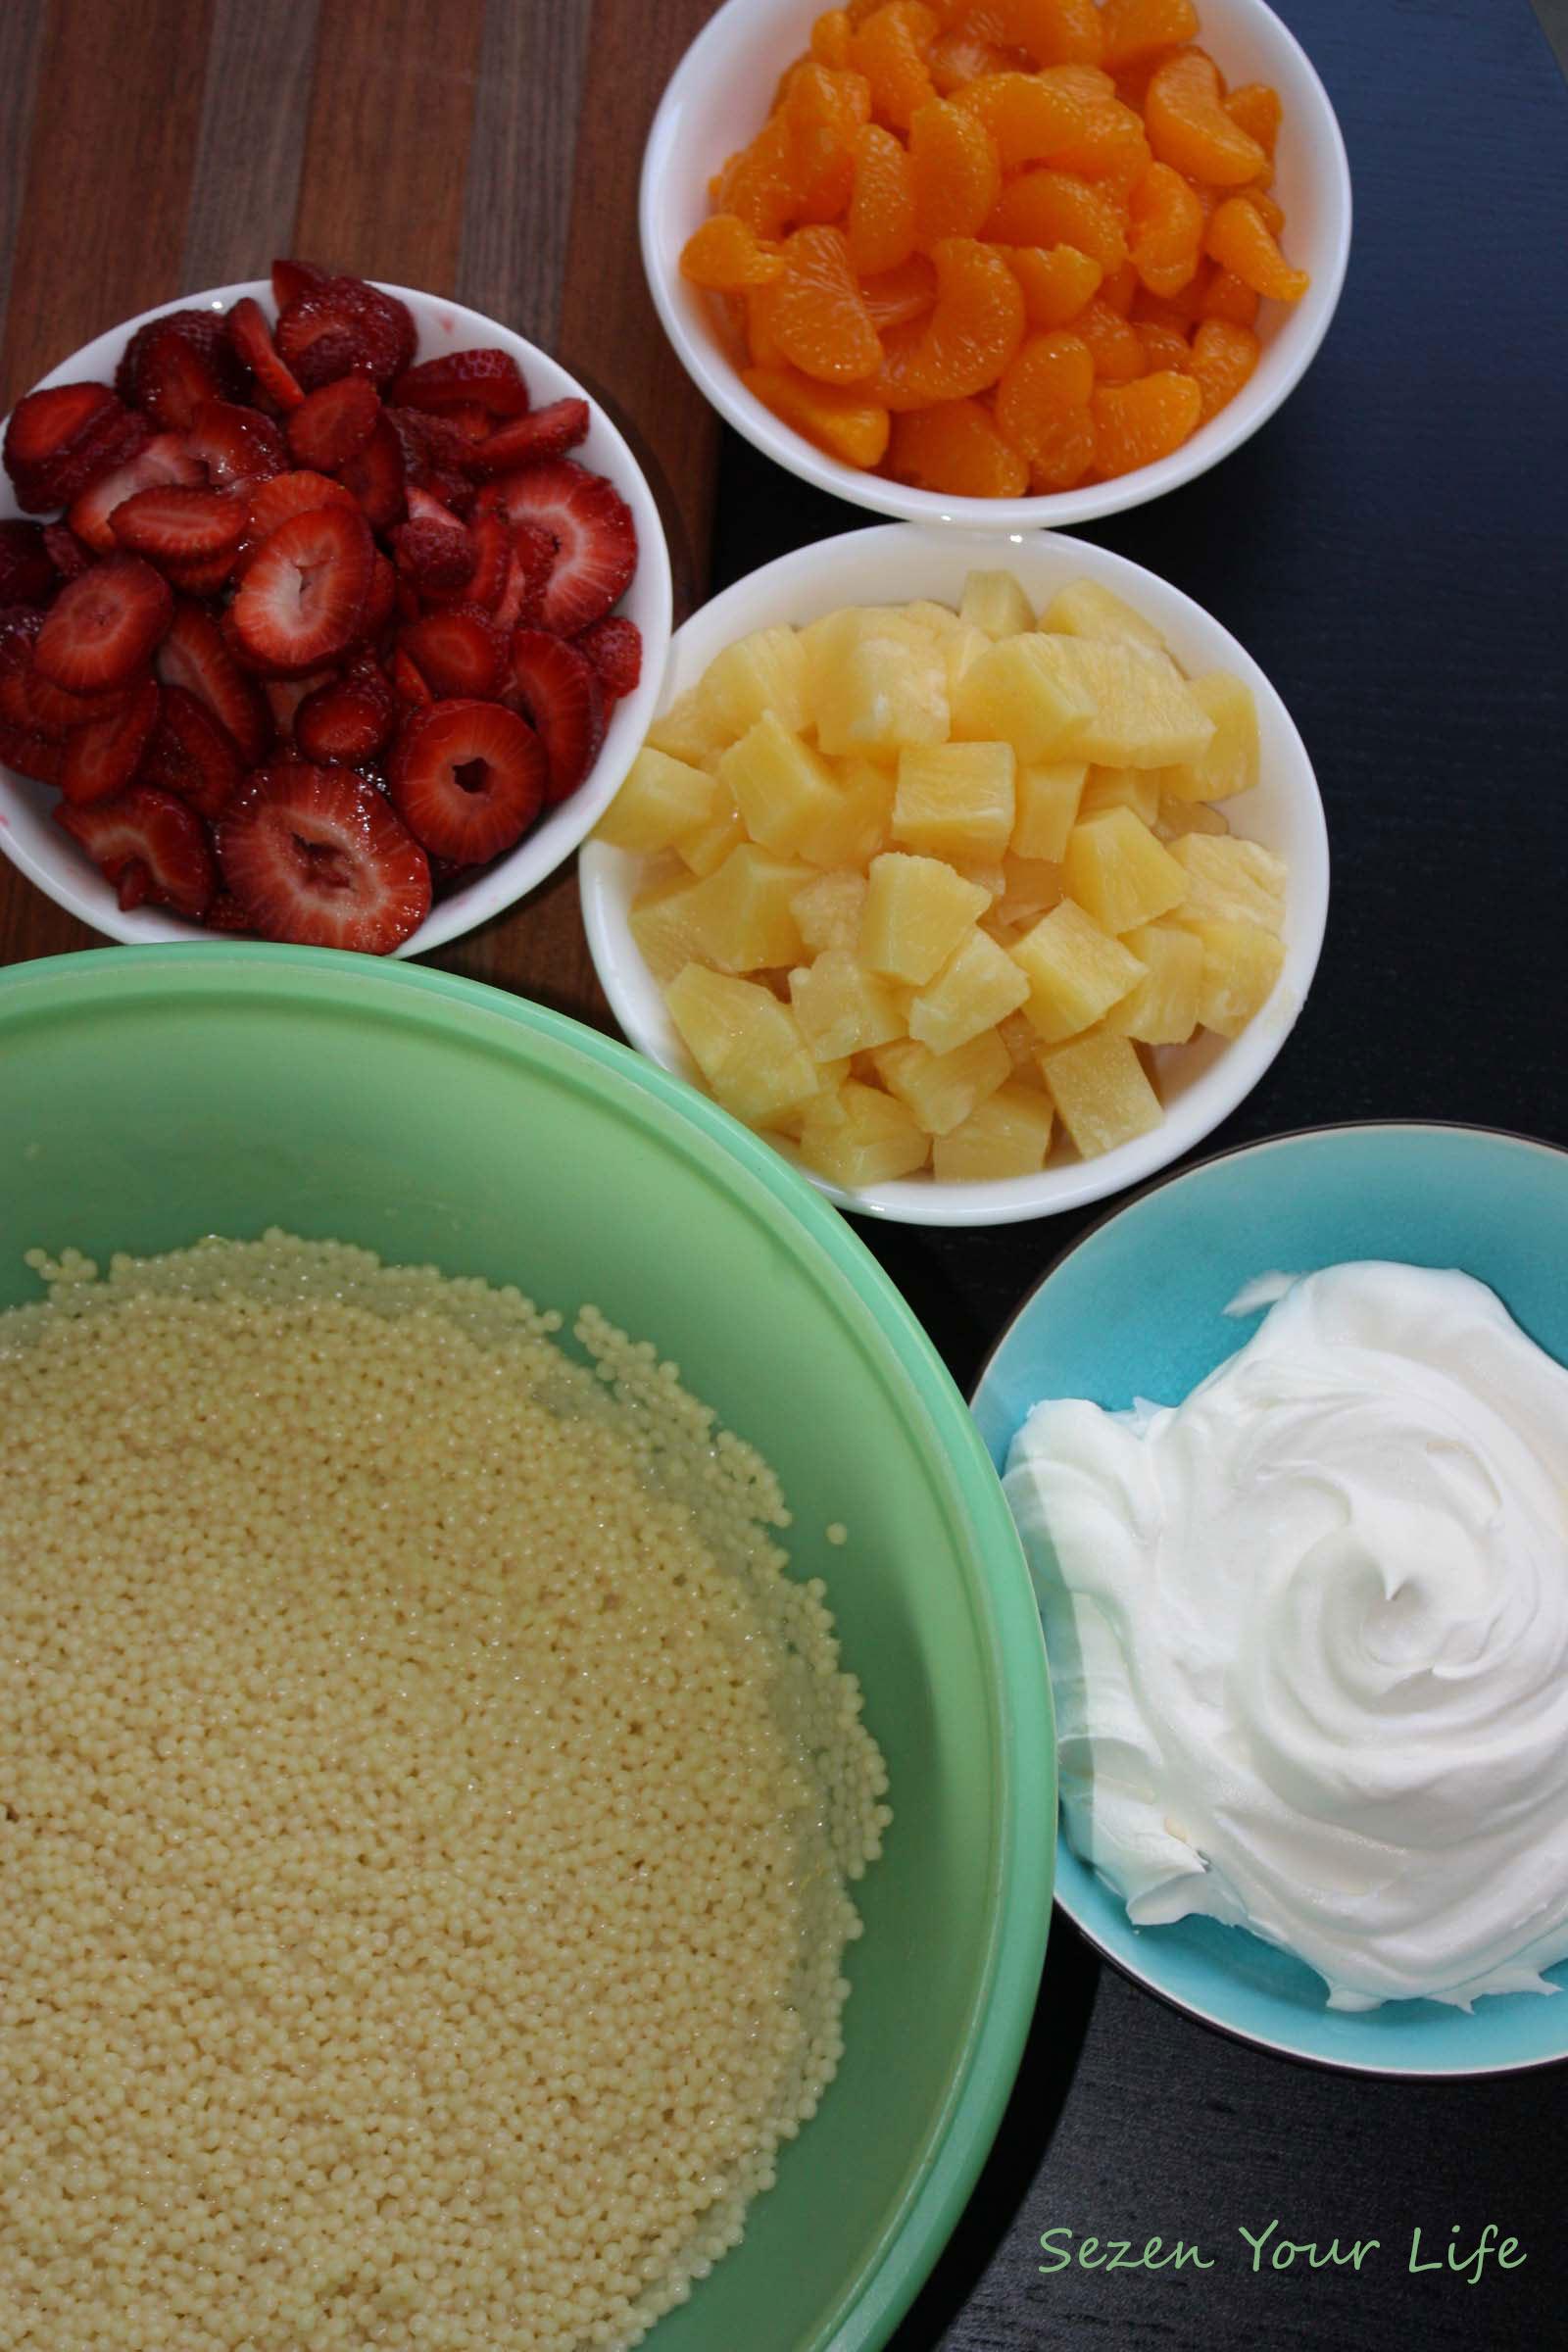 Acini-de-Pepe-Salad-Ingredients1